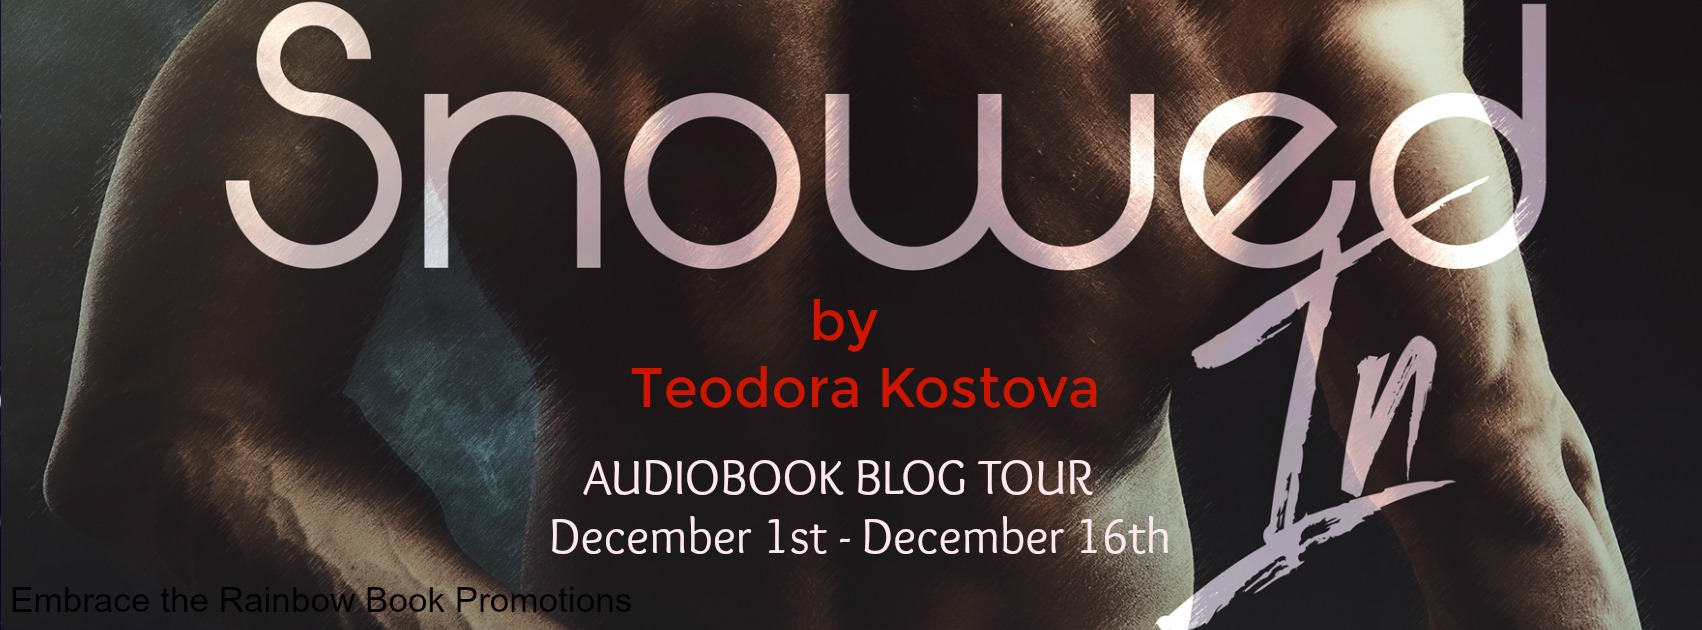 Audio Book Tour: Exclusive Excerpt & Giveaway Teodora Kostova - Snowed In